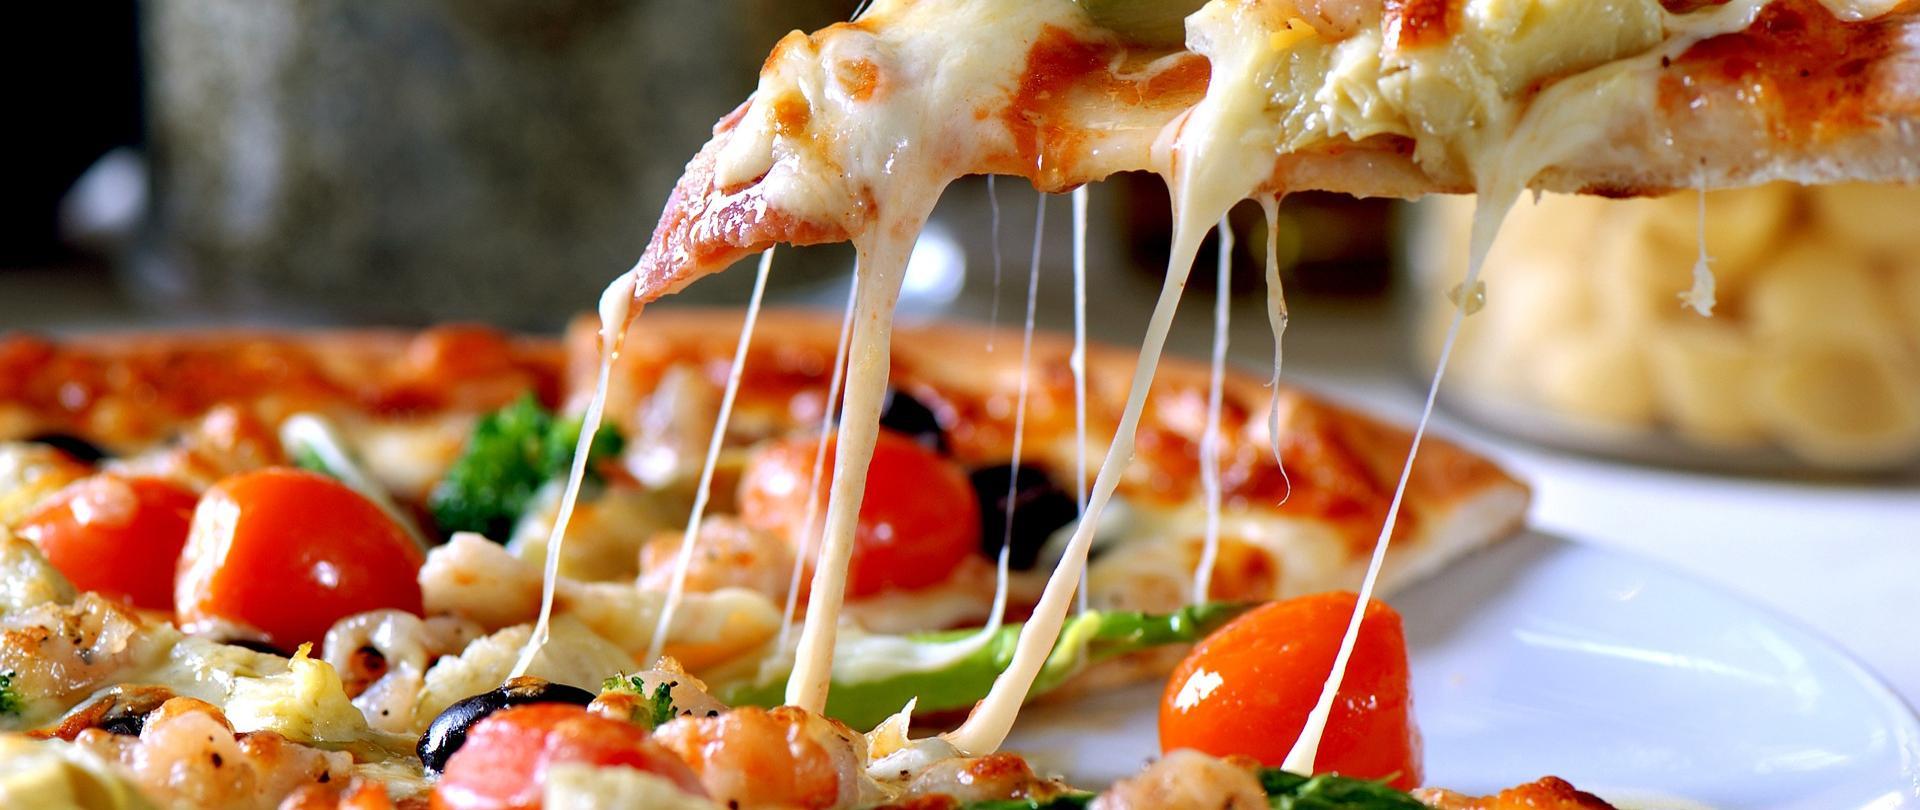 Na zdjęciu znajduje się pizza na talerzu - jeden kawałek z ciągnący żółtym serem jest odkrojony i podniesiony do góry. Na pizzy są: koktajlowe pomidorki, czarne oliwki, krewetki, brokuł, ser żółty.